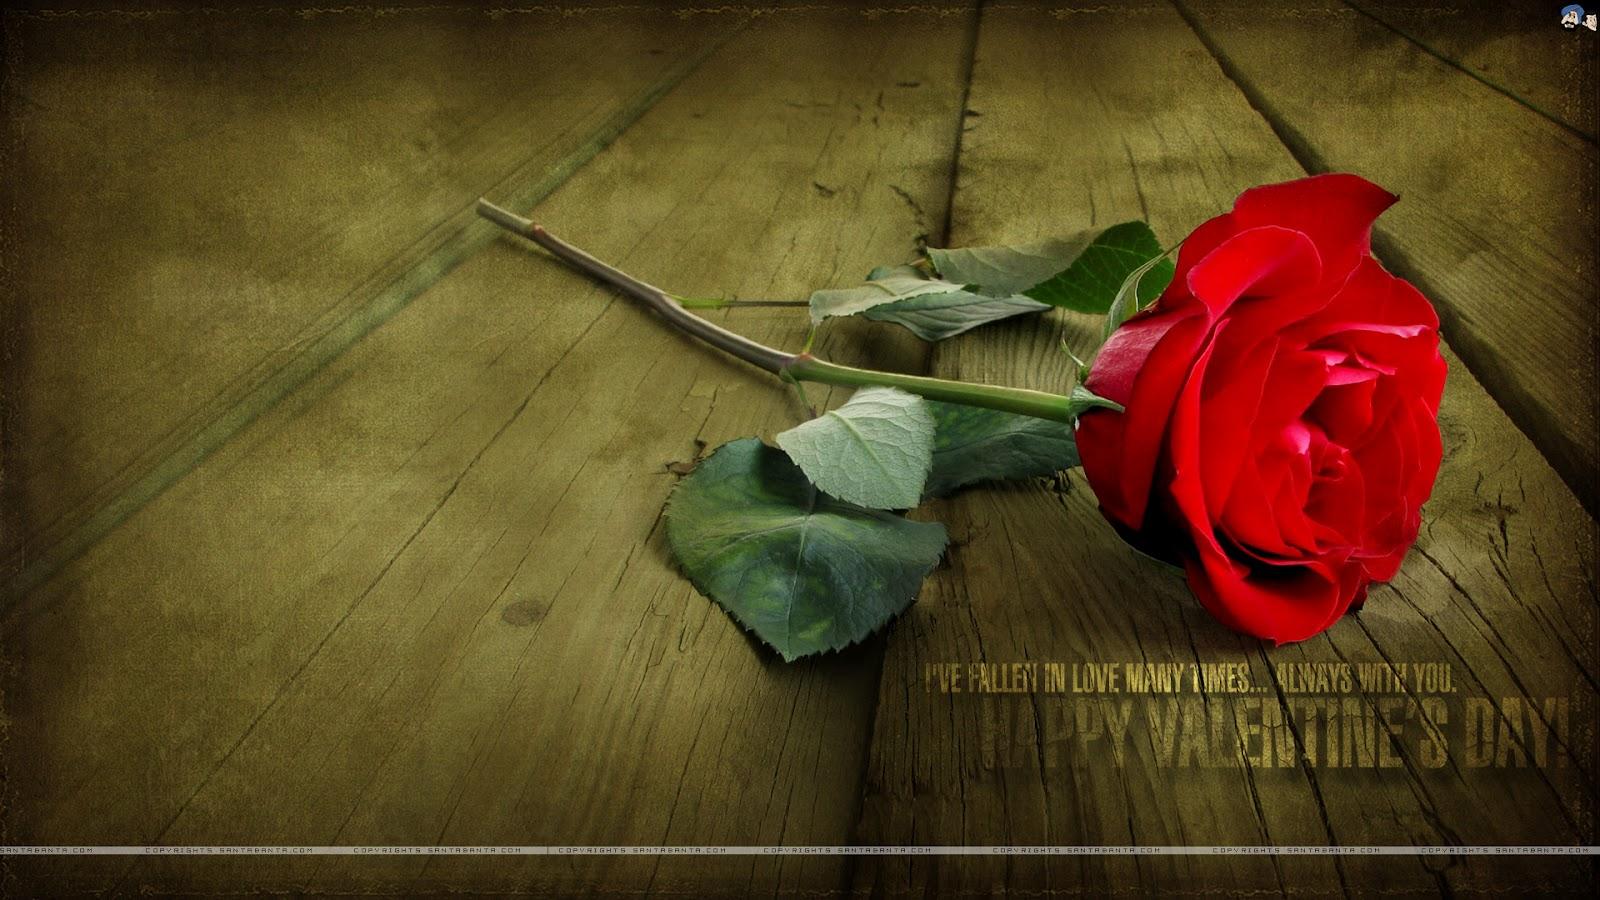 http://4.bp.blogspot.com/-fB_3Jds3ilM/TzHjAcA94sI/AAAAAAAAAtE/J42lmhZA9zE/s1600/valentine-day-149v.jpg